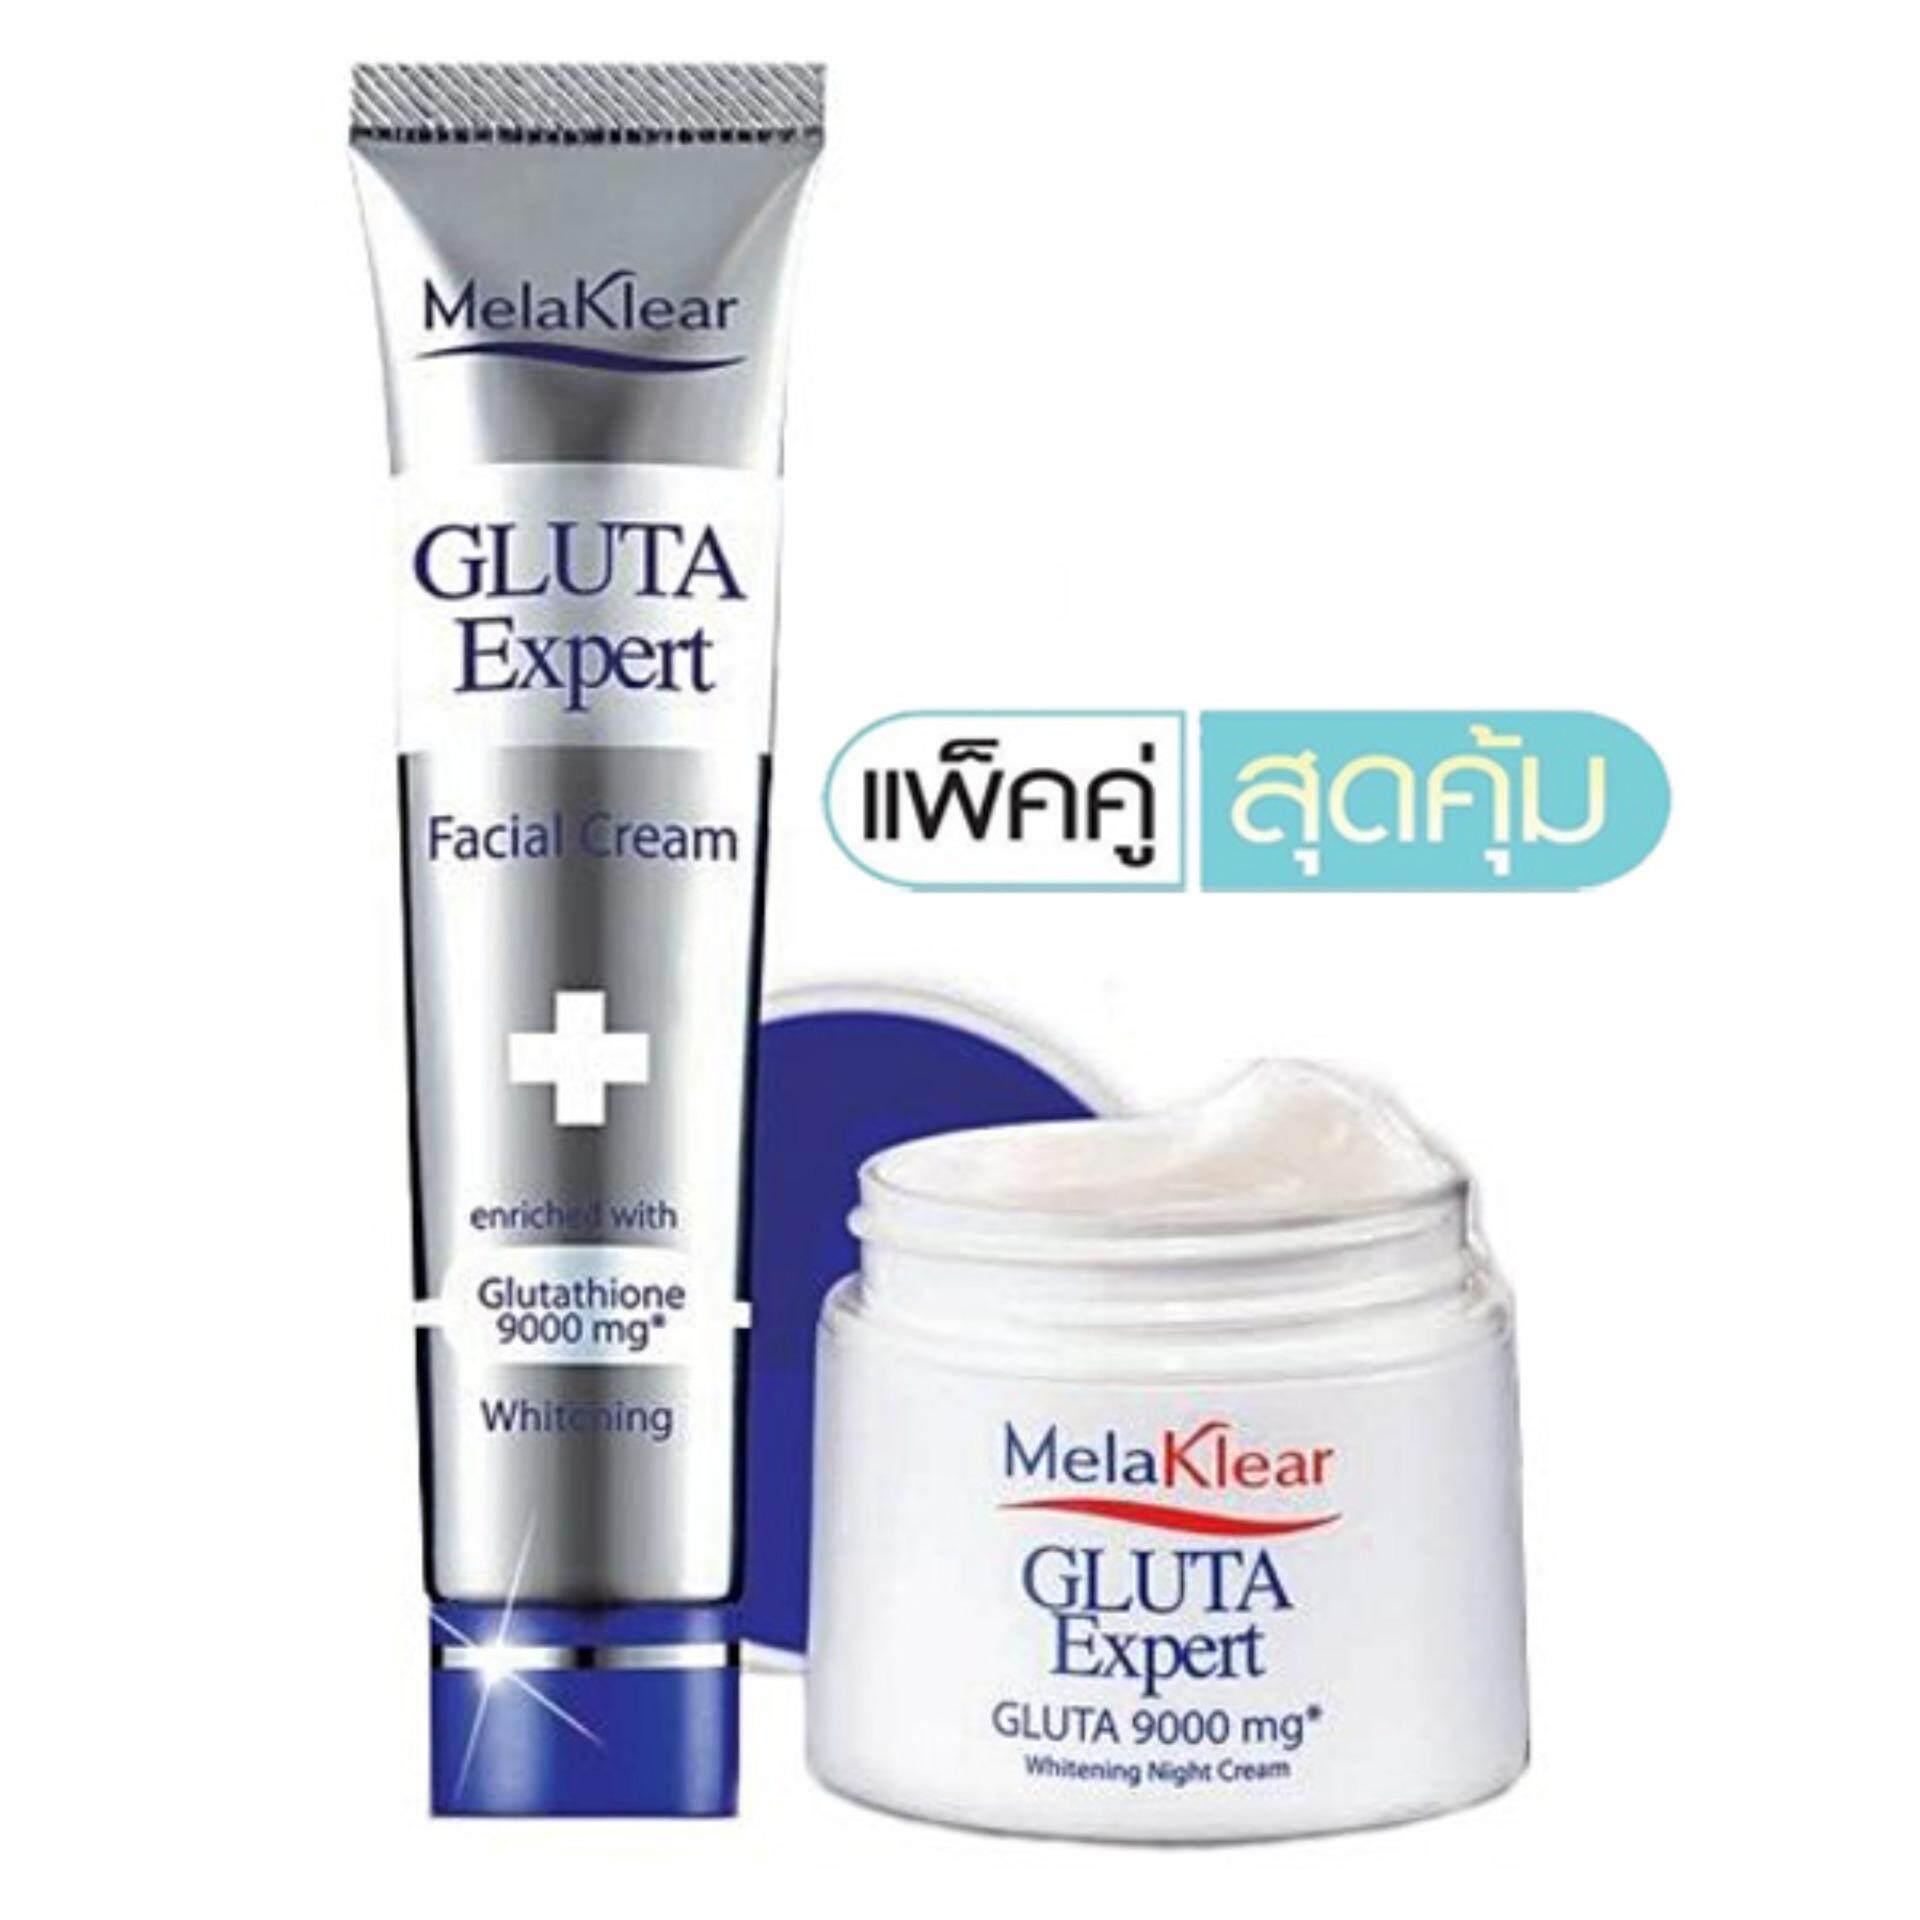 Mistine Melaklear Gluta Expert Whitening Facial Set ชุดเดย์ครีม+ไนท์ครีม มิสทีน เมลาเคลียร์ กลูต้า เอ็กซ์เปิร์ท ไวท์เทนนิ่ง ครีมหน้าขาวใส ครีมบํารุงผิวหน้า ครีมบำรุงหน้าขาวใส.